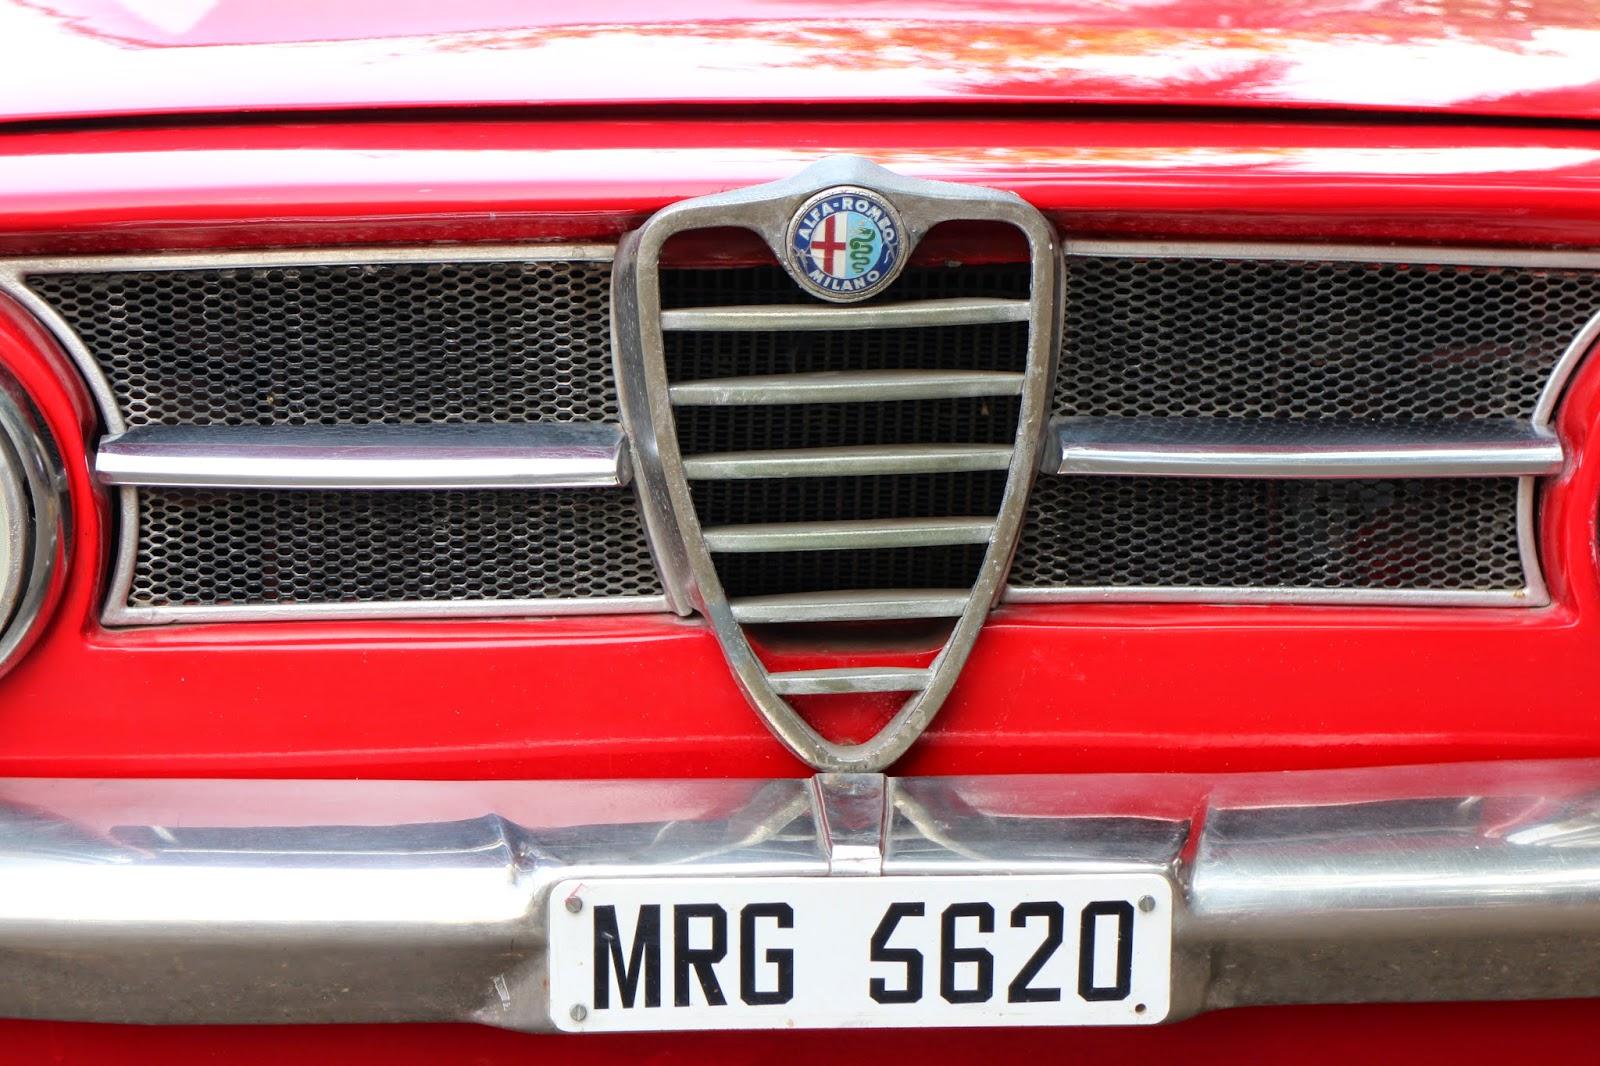 Vintage, Vintage cars, cars, AlfaRomeo, Fiat, Automobile